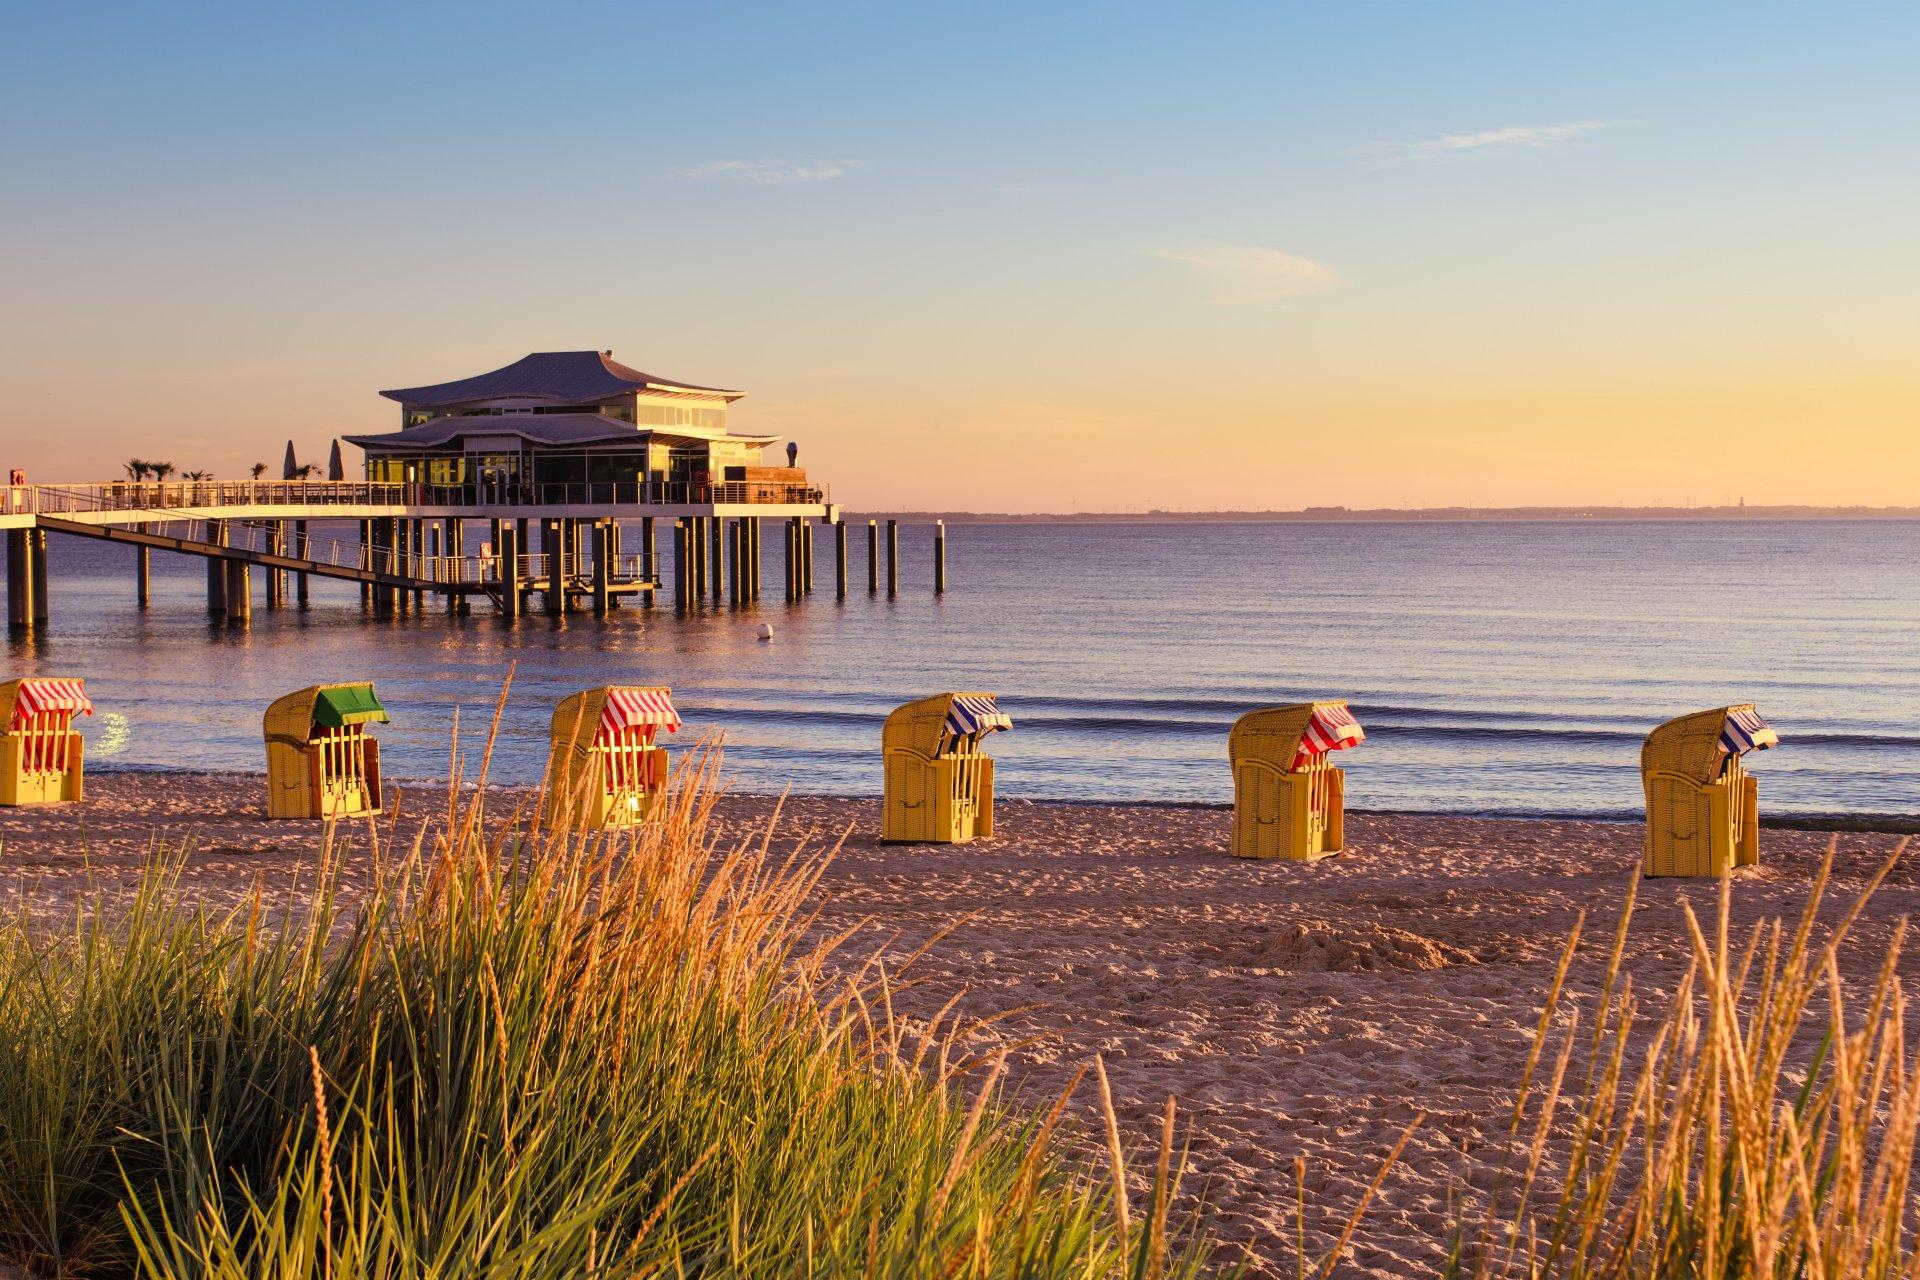 3 – 15 Tage am Timmendorfer Strand: 4* Yachtclub-Hotel inkl. Frühstück, Dinner & Wellnessbereich ab 119€ p.P.